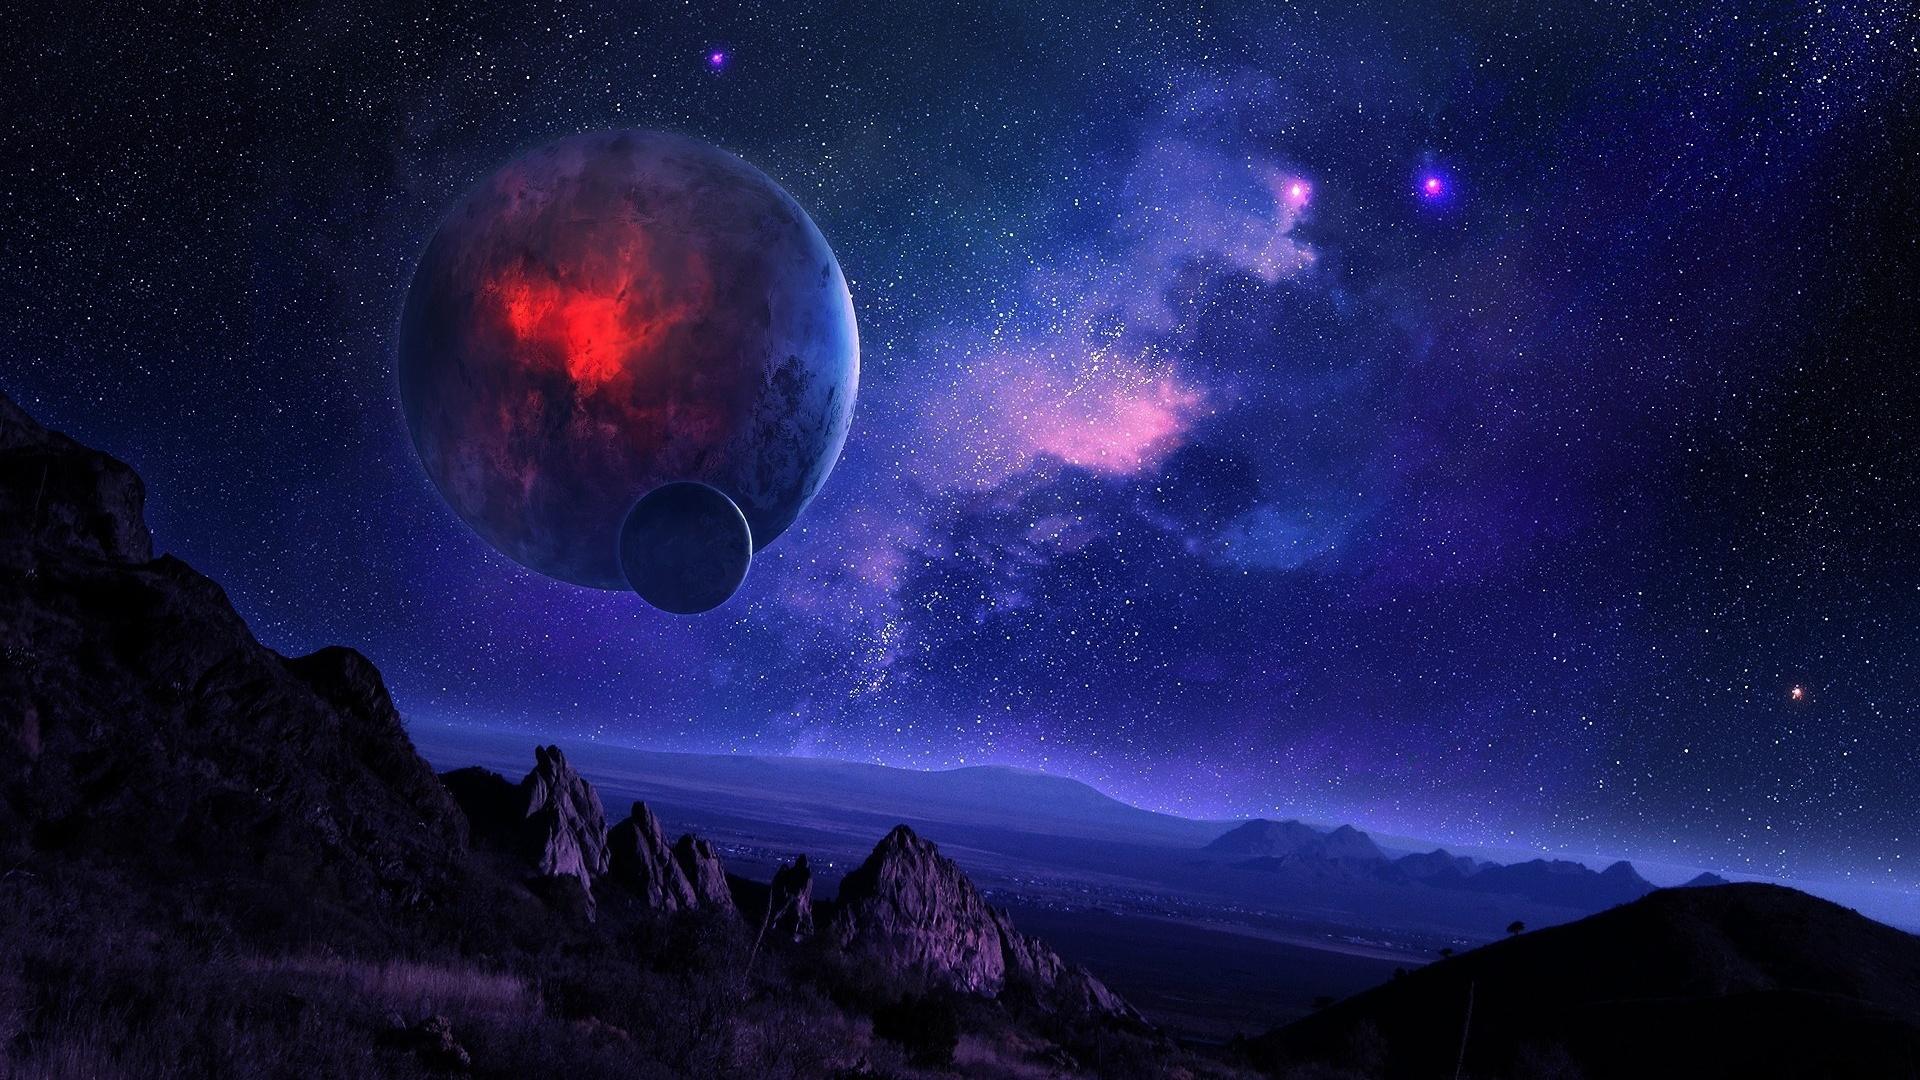 32860 скачать обои Планеты, Фэнтези, Пейзаж - заставки и картинки бесплатно